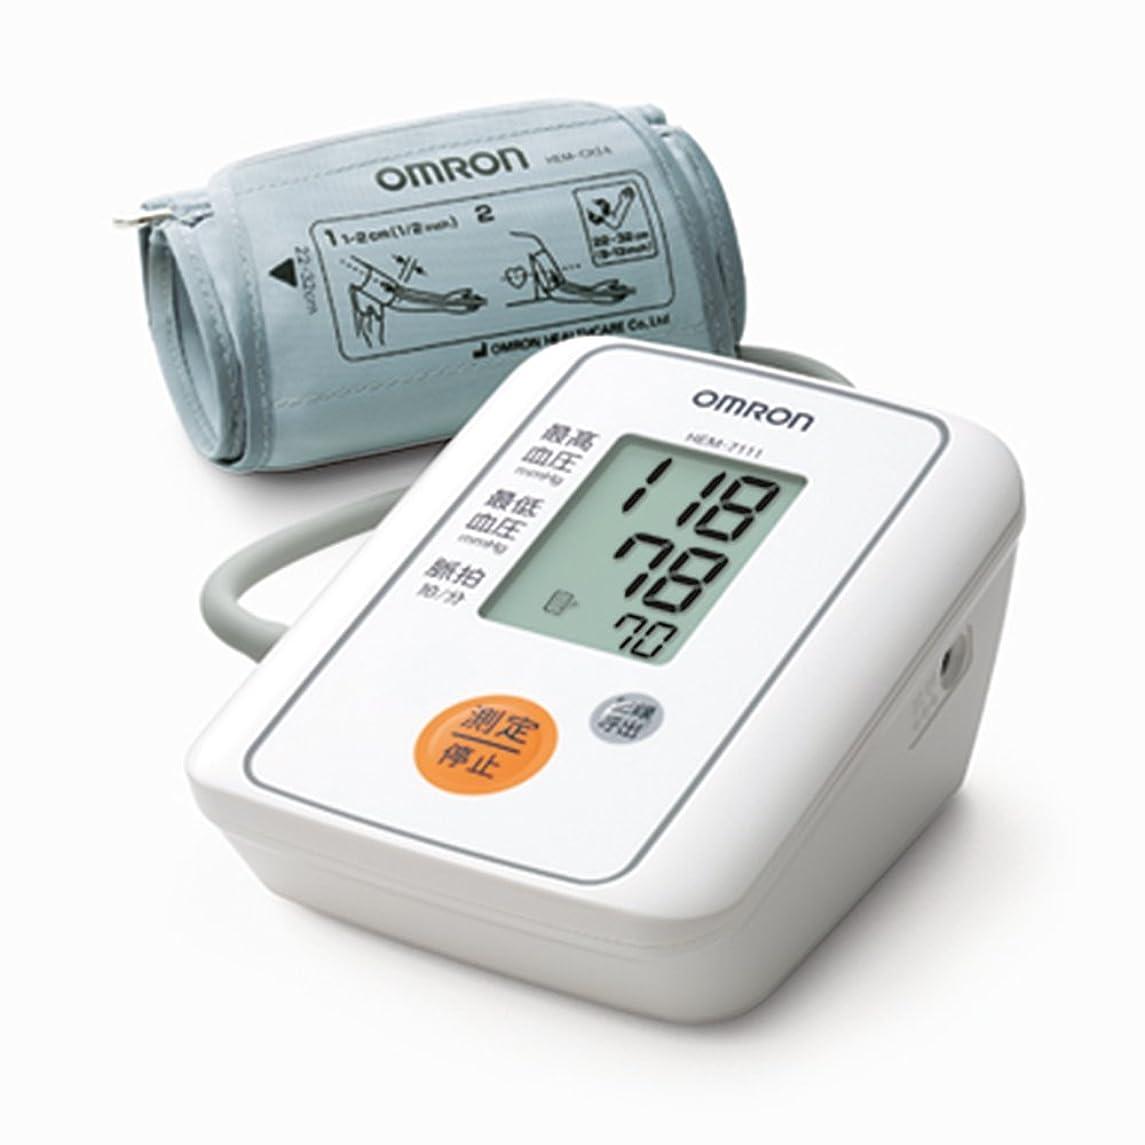 言及する蓋暗唱するオムロン 血圧計 上腕式